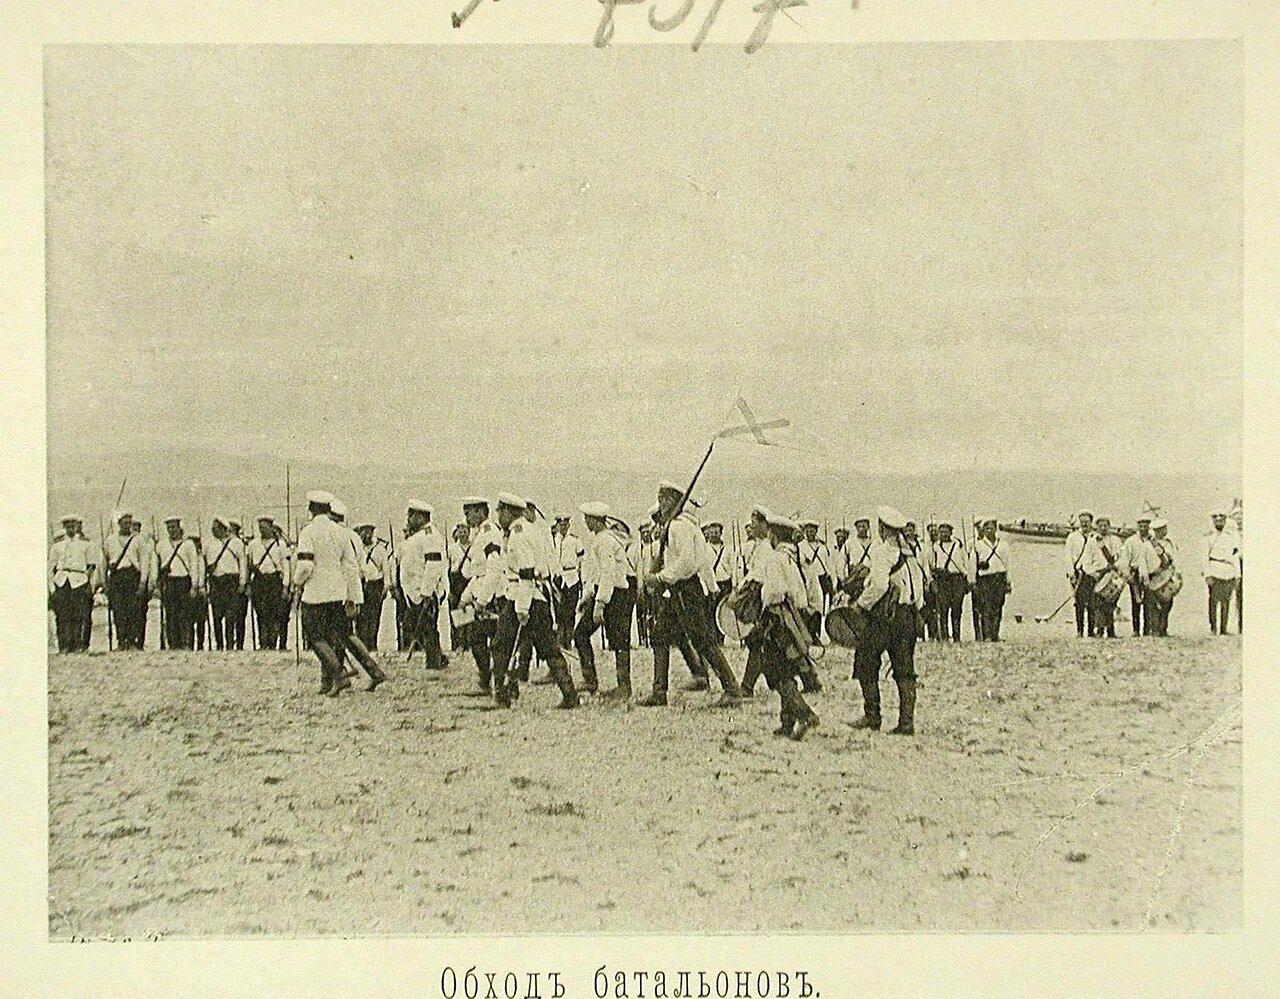 86. Начальник эскадренного десанта и сопровождающие его лица во время обхода батальонов